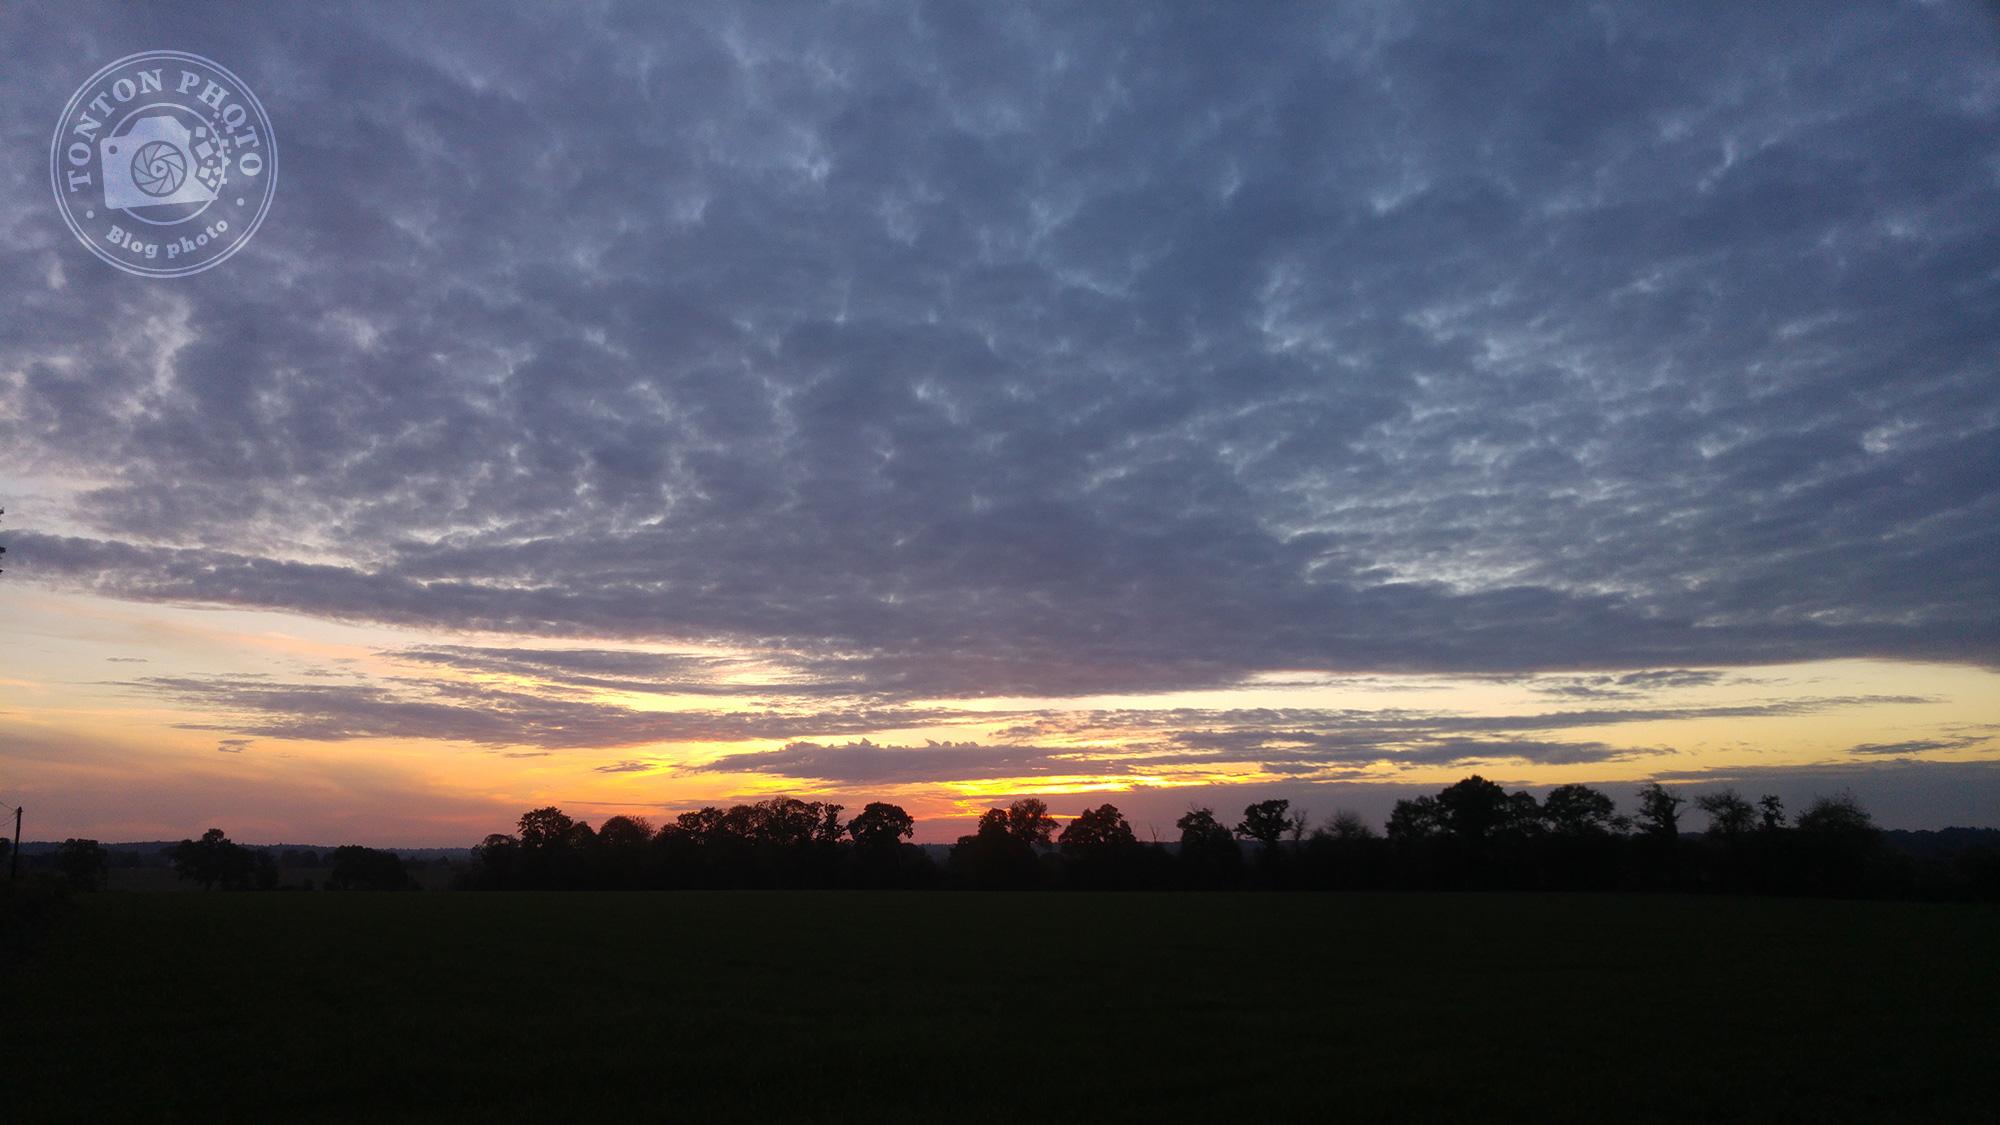 Test du photophone LG G4 : Coucher de soleil sur la campagne près de Rennes (Bretagne, France). F/1.8 - 1/120 - ISO 50 © Clément Racineux / Tonton Photo